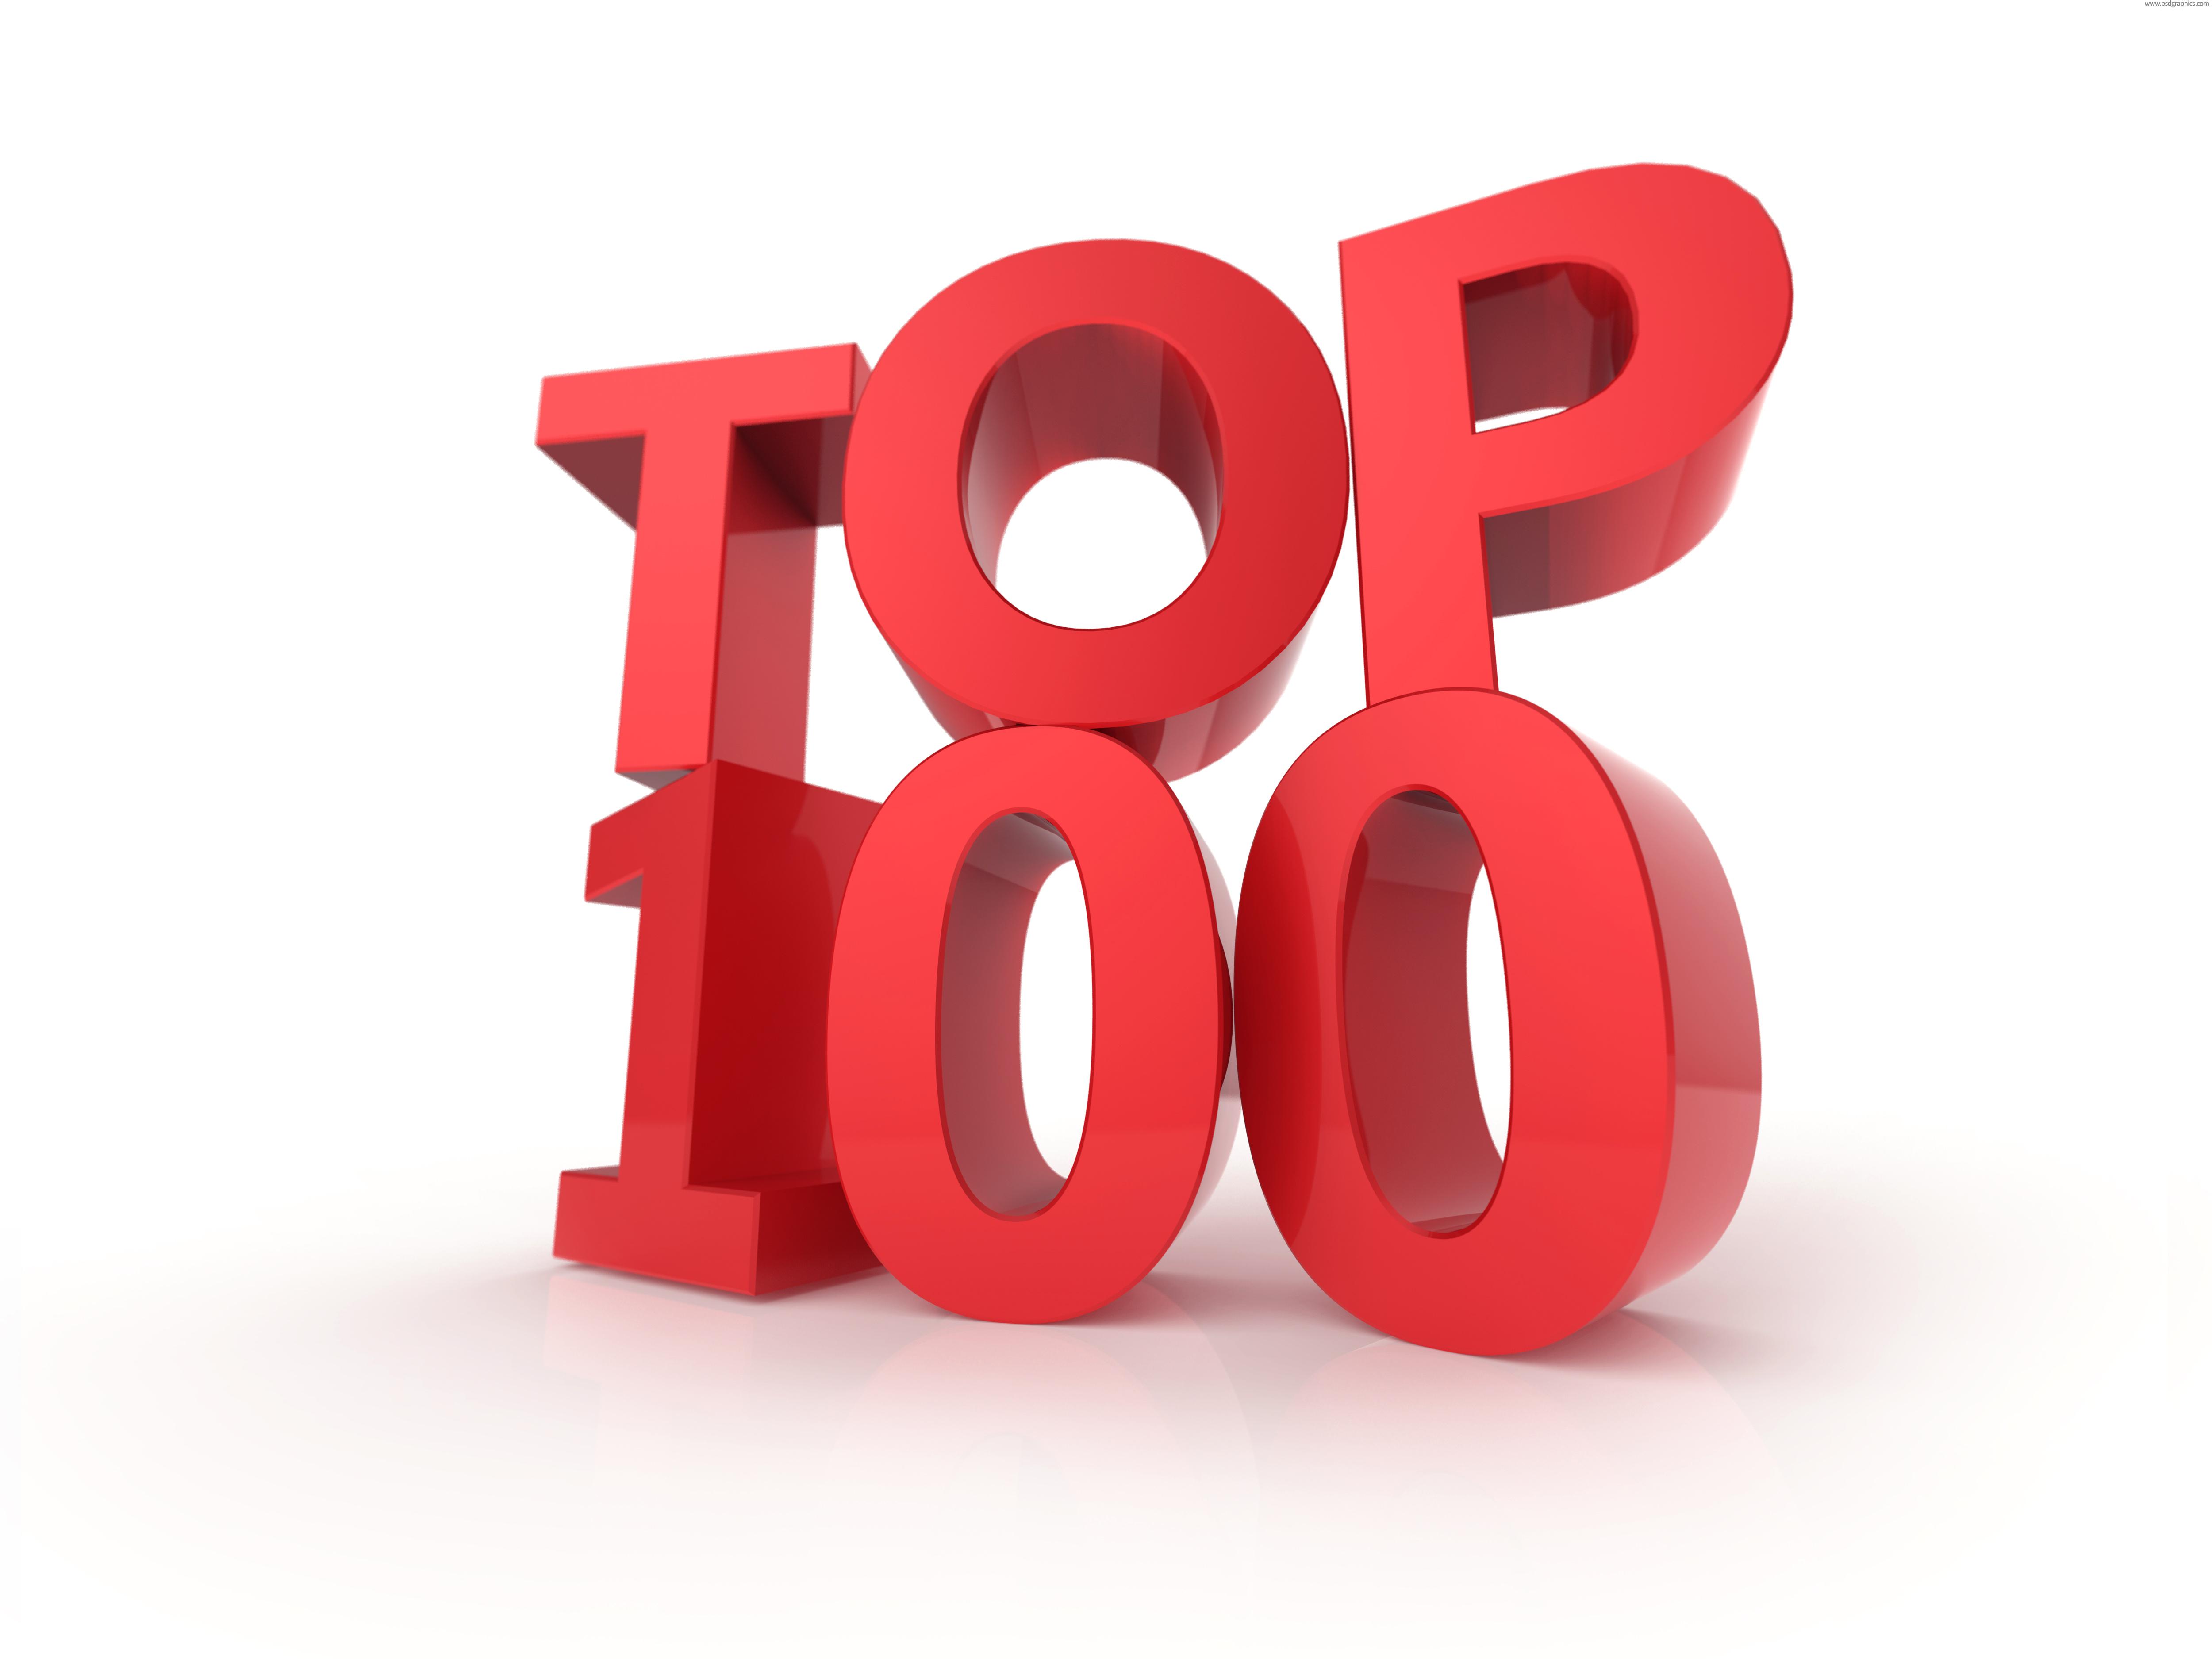 البوم افضل 100 مهرجان شعبى افضل 100 نغم العرب